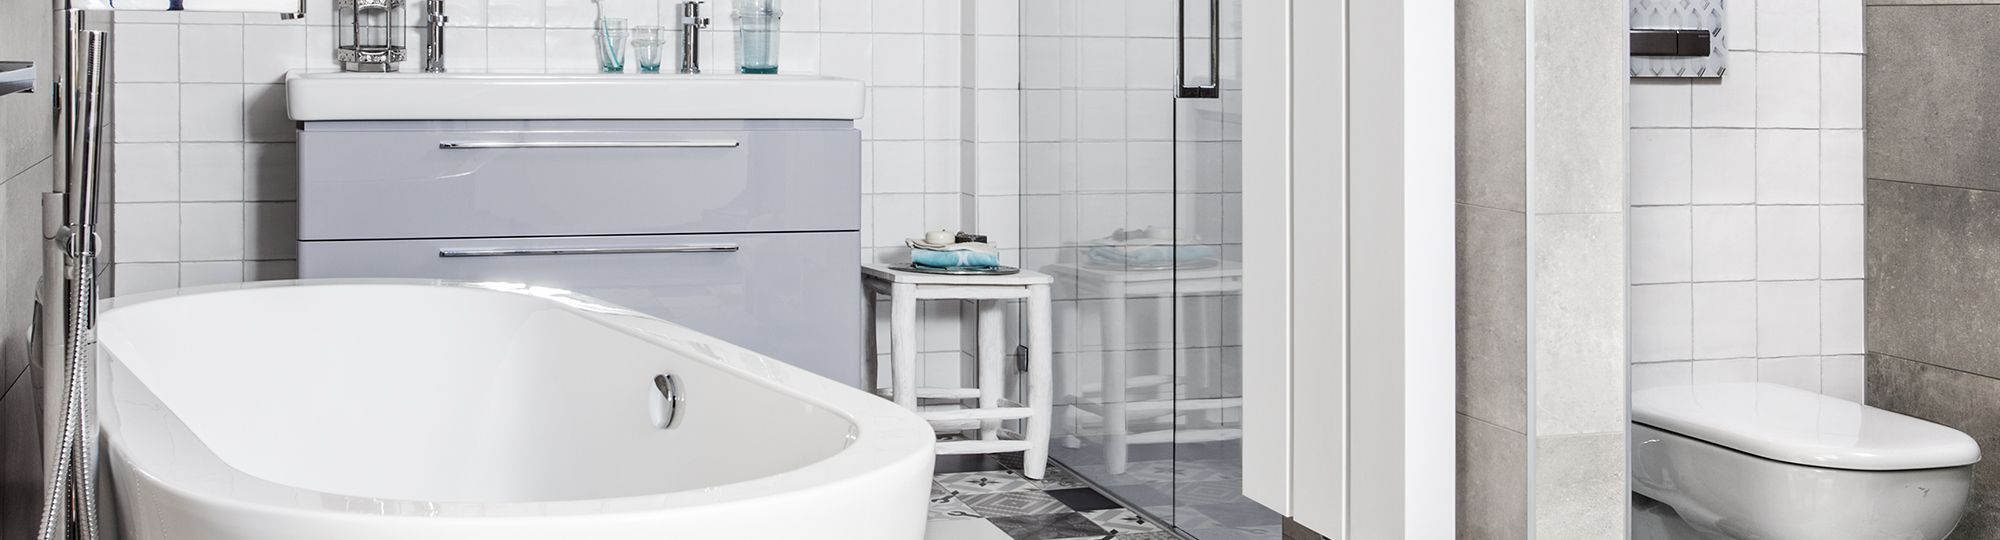 Een complete badkamer kopen doe je niet zomaar. Bekijk eerst ...